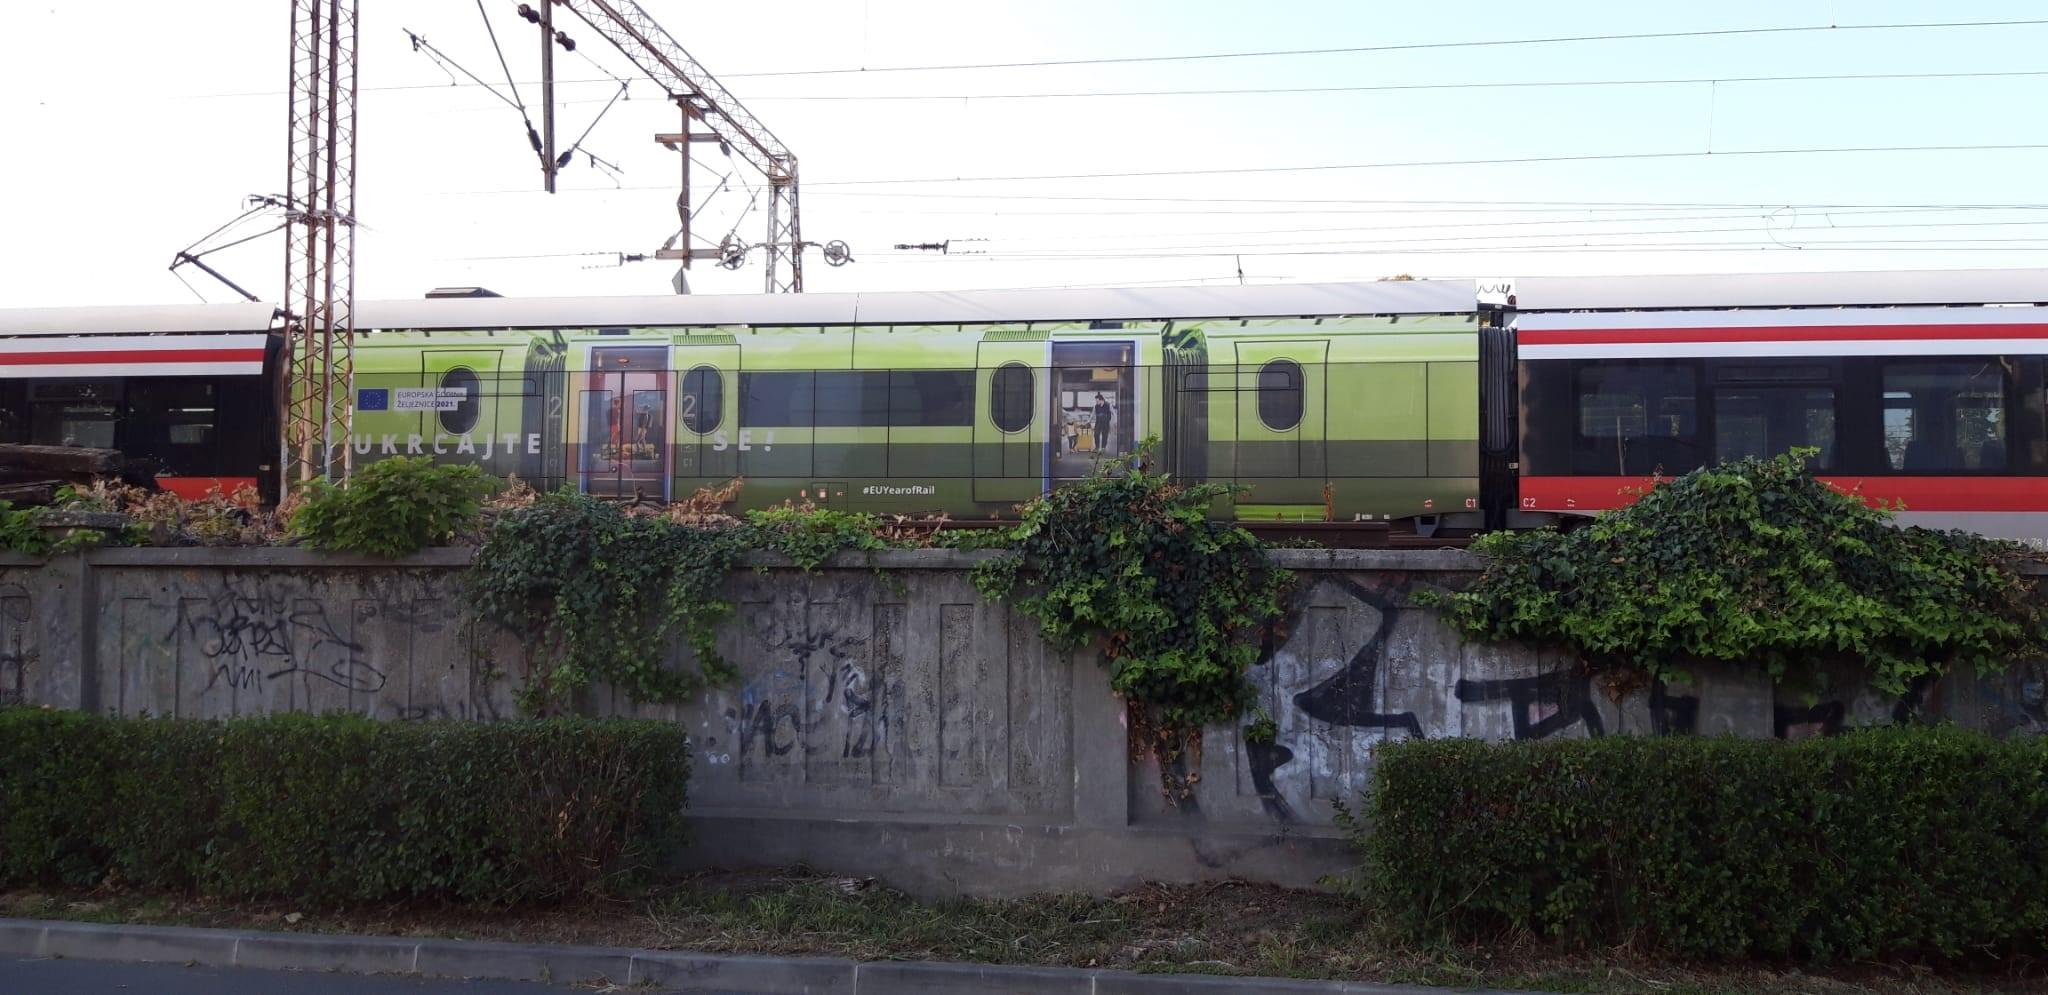 Na kolosijeku Glavnog kolodvora u Zagrebu: Zeleni vagon promovira Europsku godinu željeznice